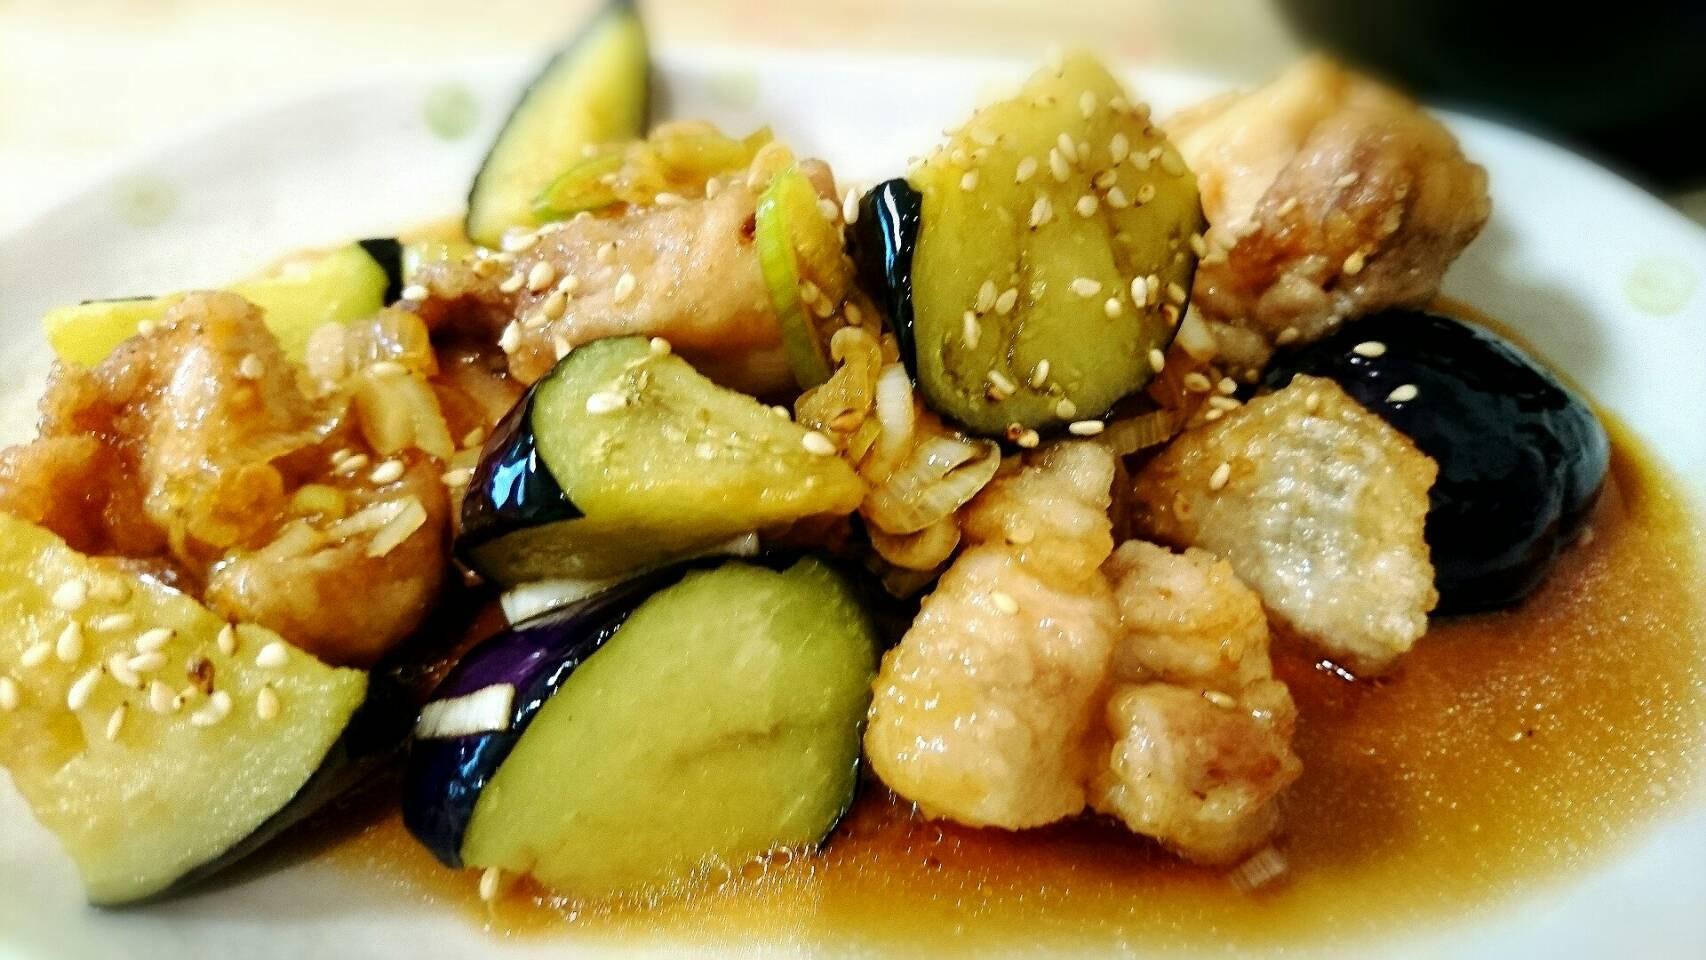 大戸屋風 鶏肉とナスの甘酢ソース